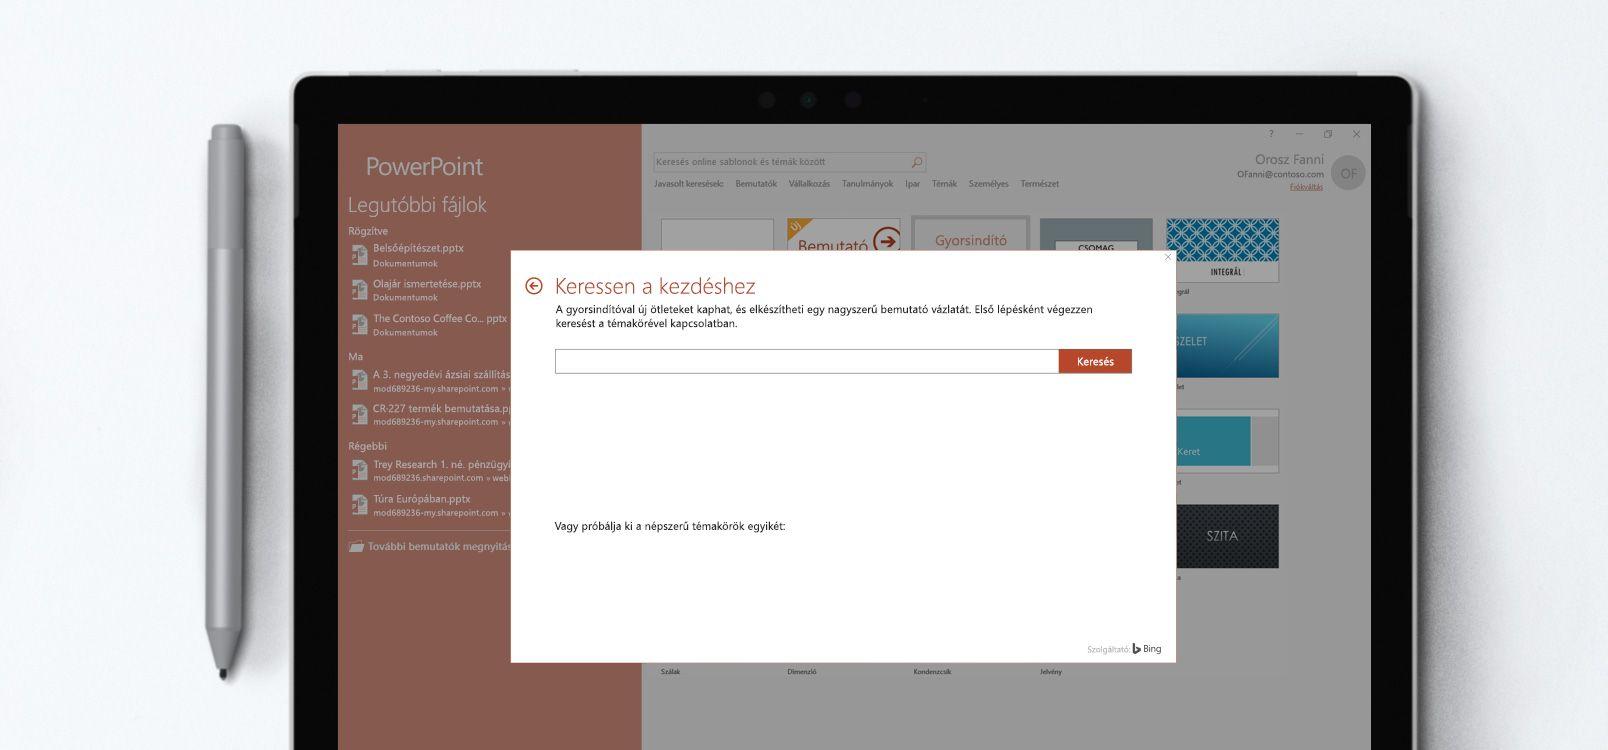 A Gyorsindító funkciót használó PowerPoint-dokumentum egy táblagépen